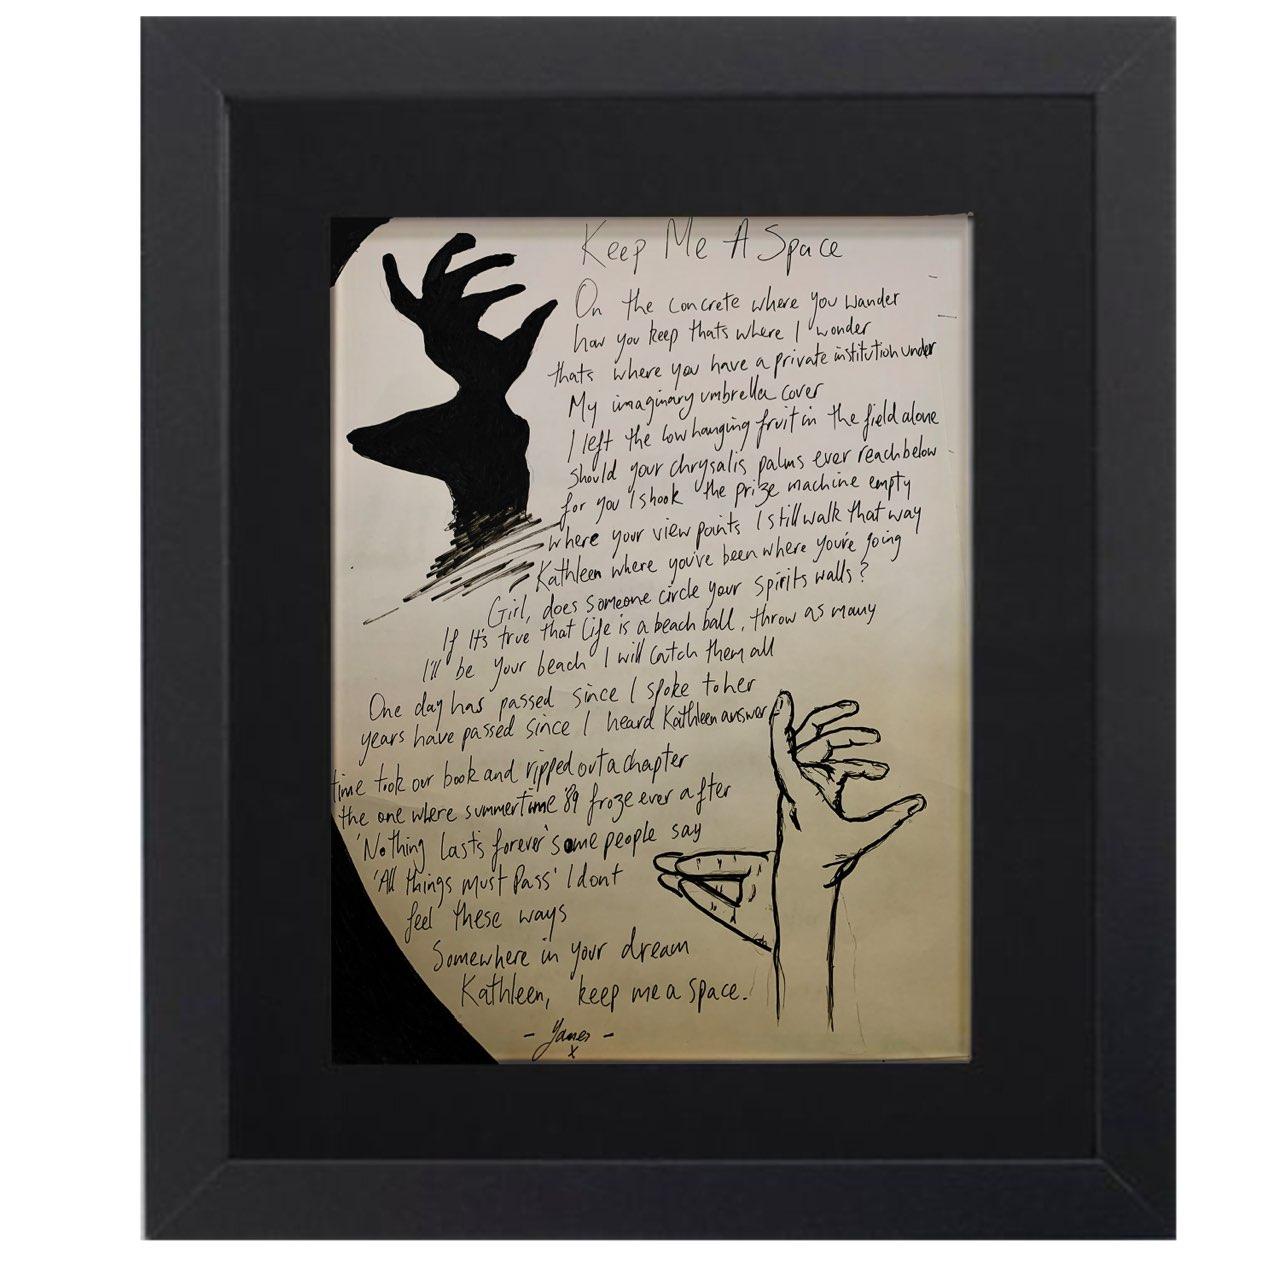 Buy Online Glasvegas - Framed Hand Written Lyric Sheet